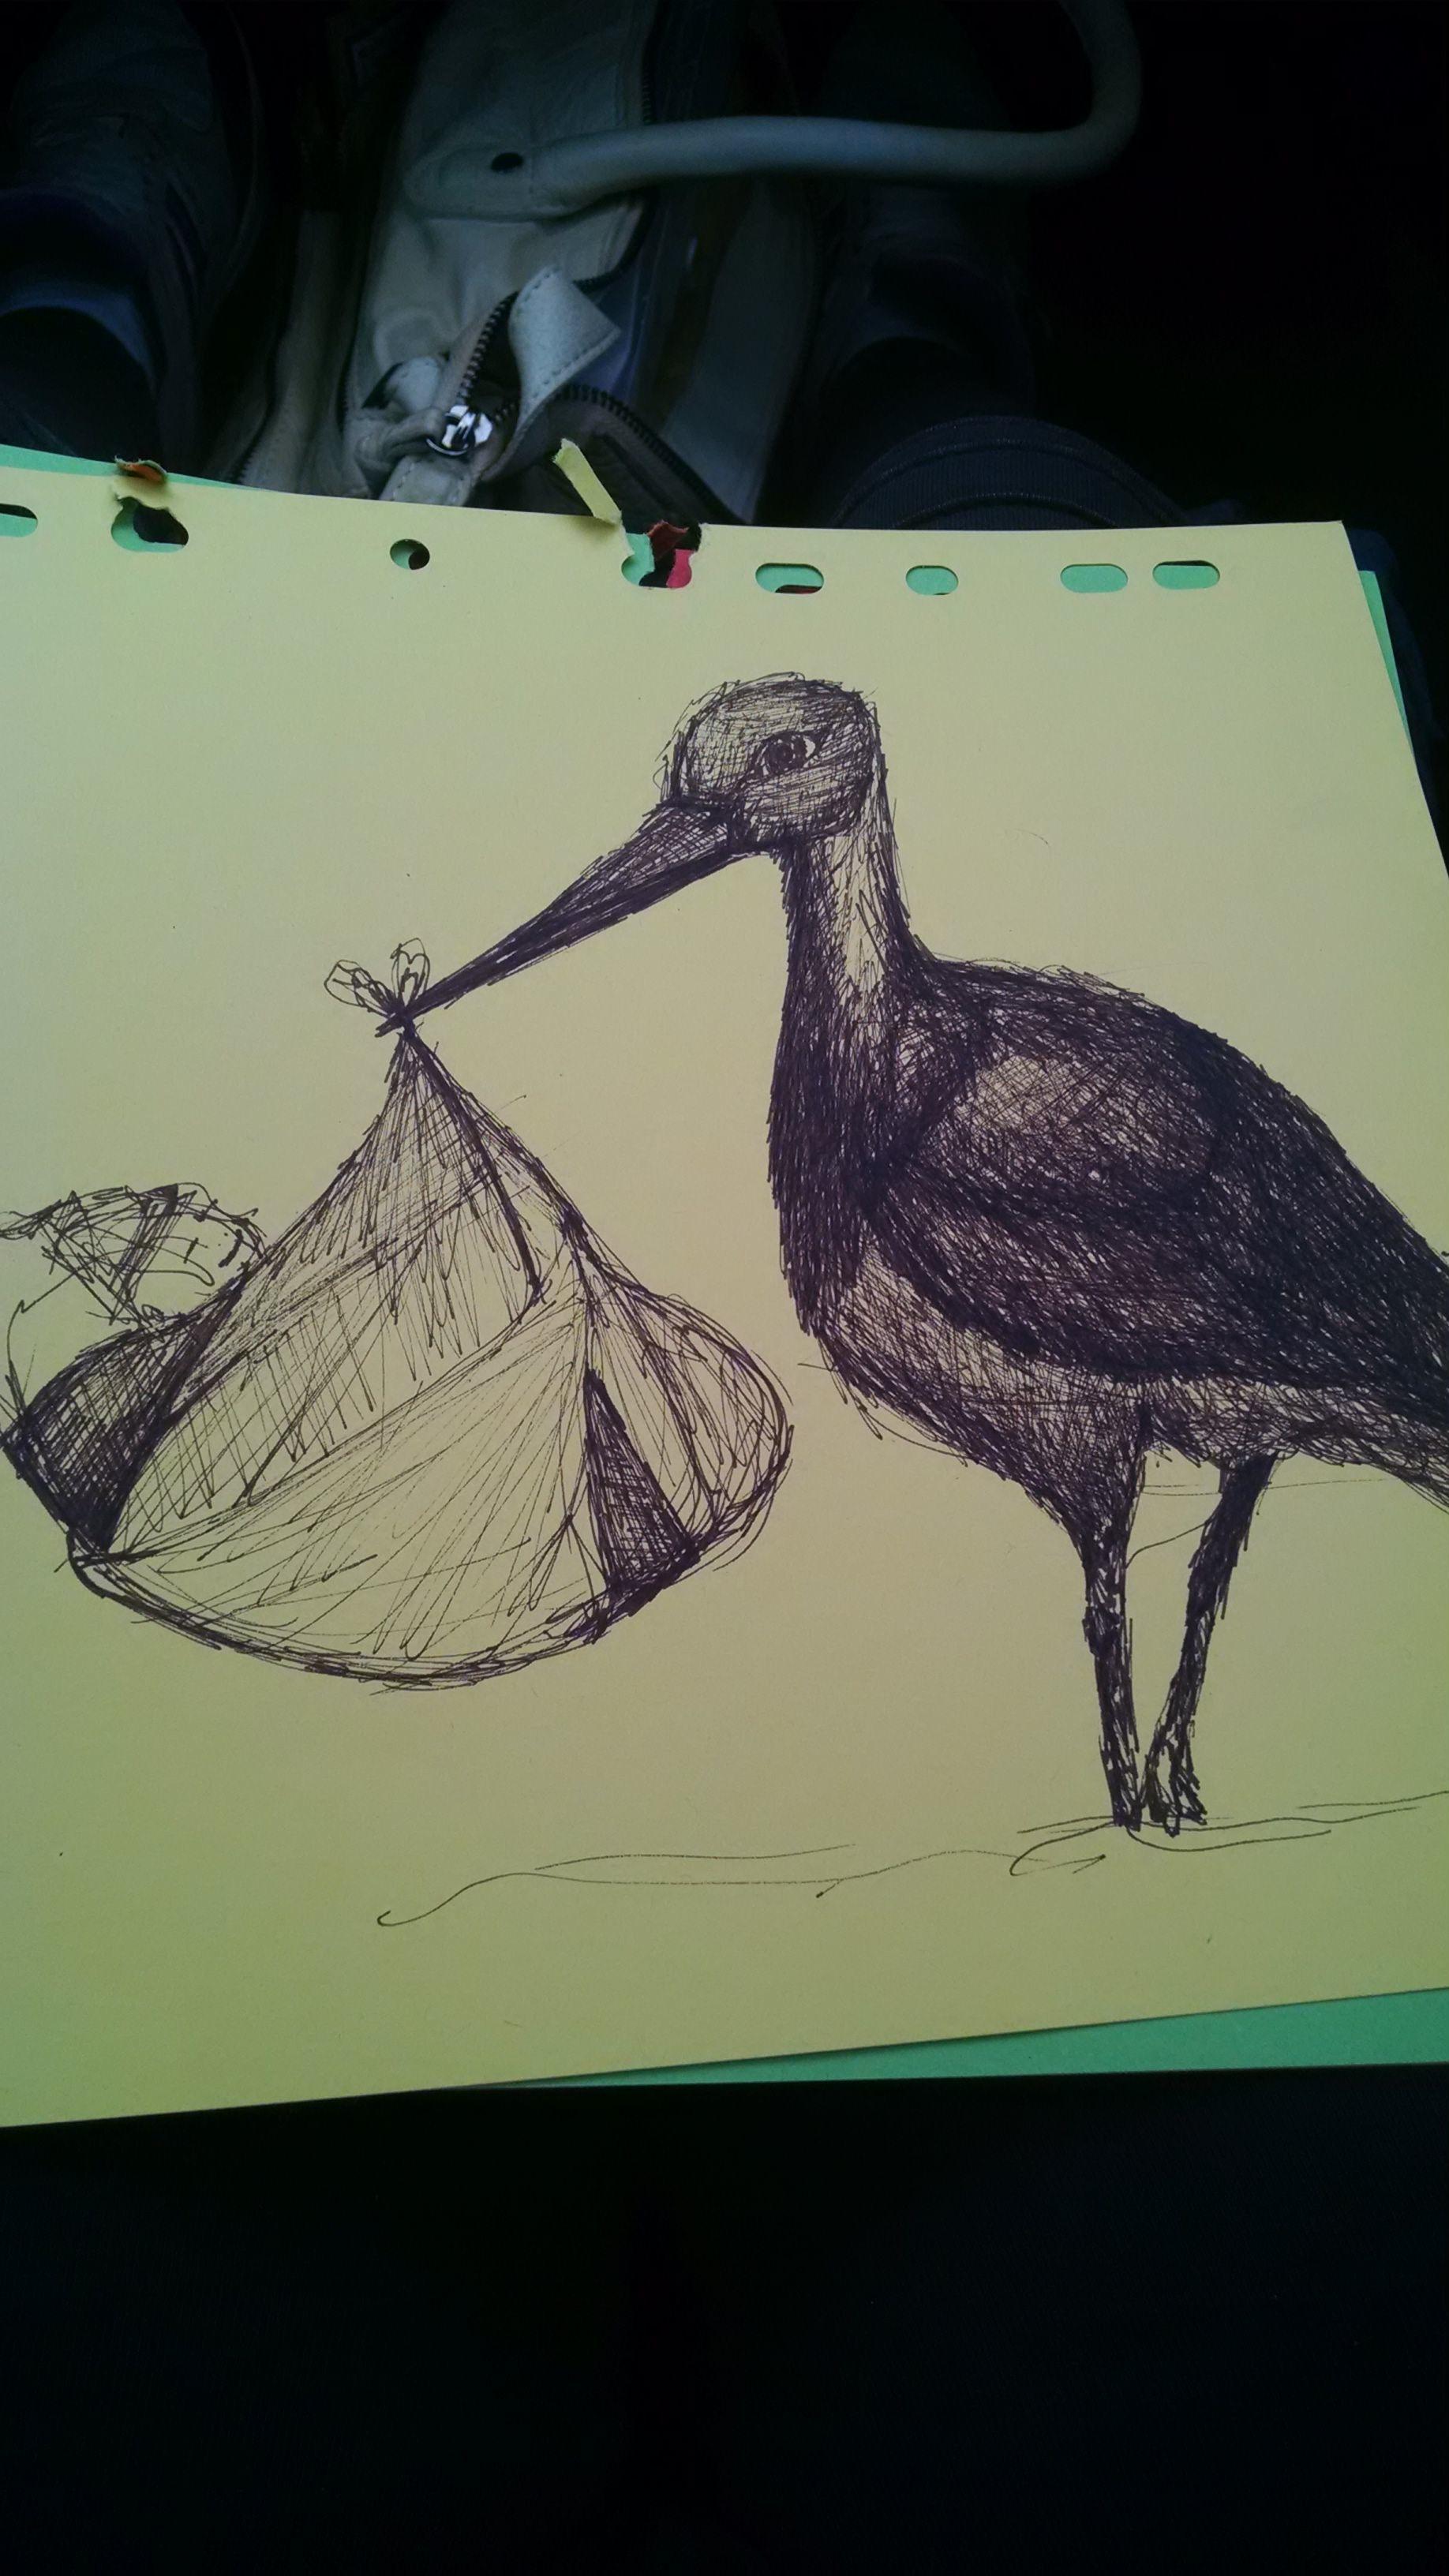 Gambar Burung Sayap Hijau Warna Lukisan Seni Sketsa